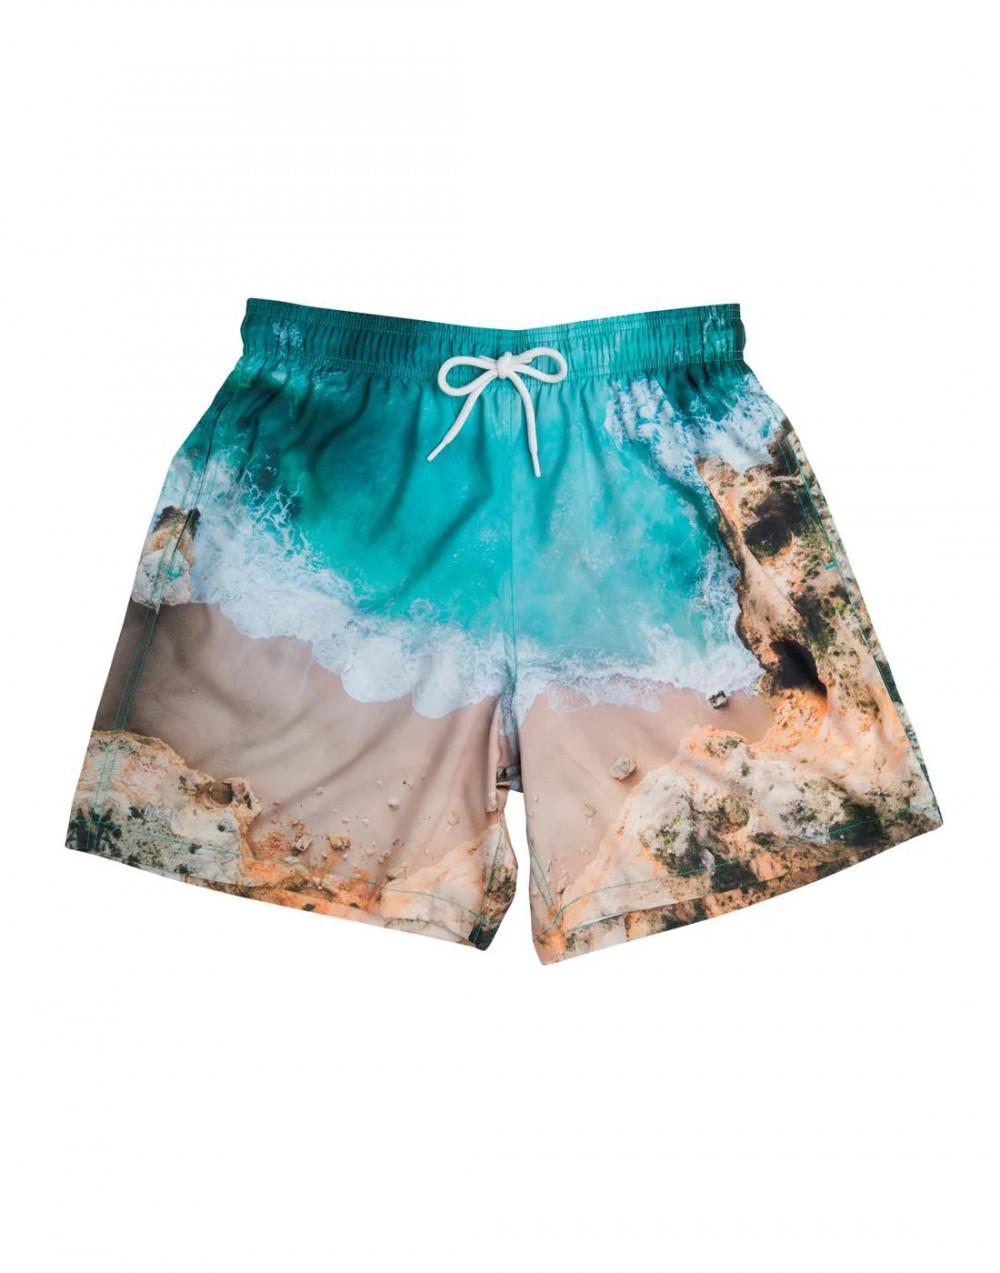 Shorts Praia Estampado Paisagem Azul Mash